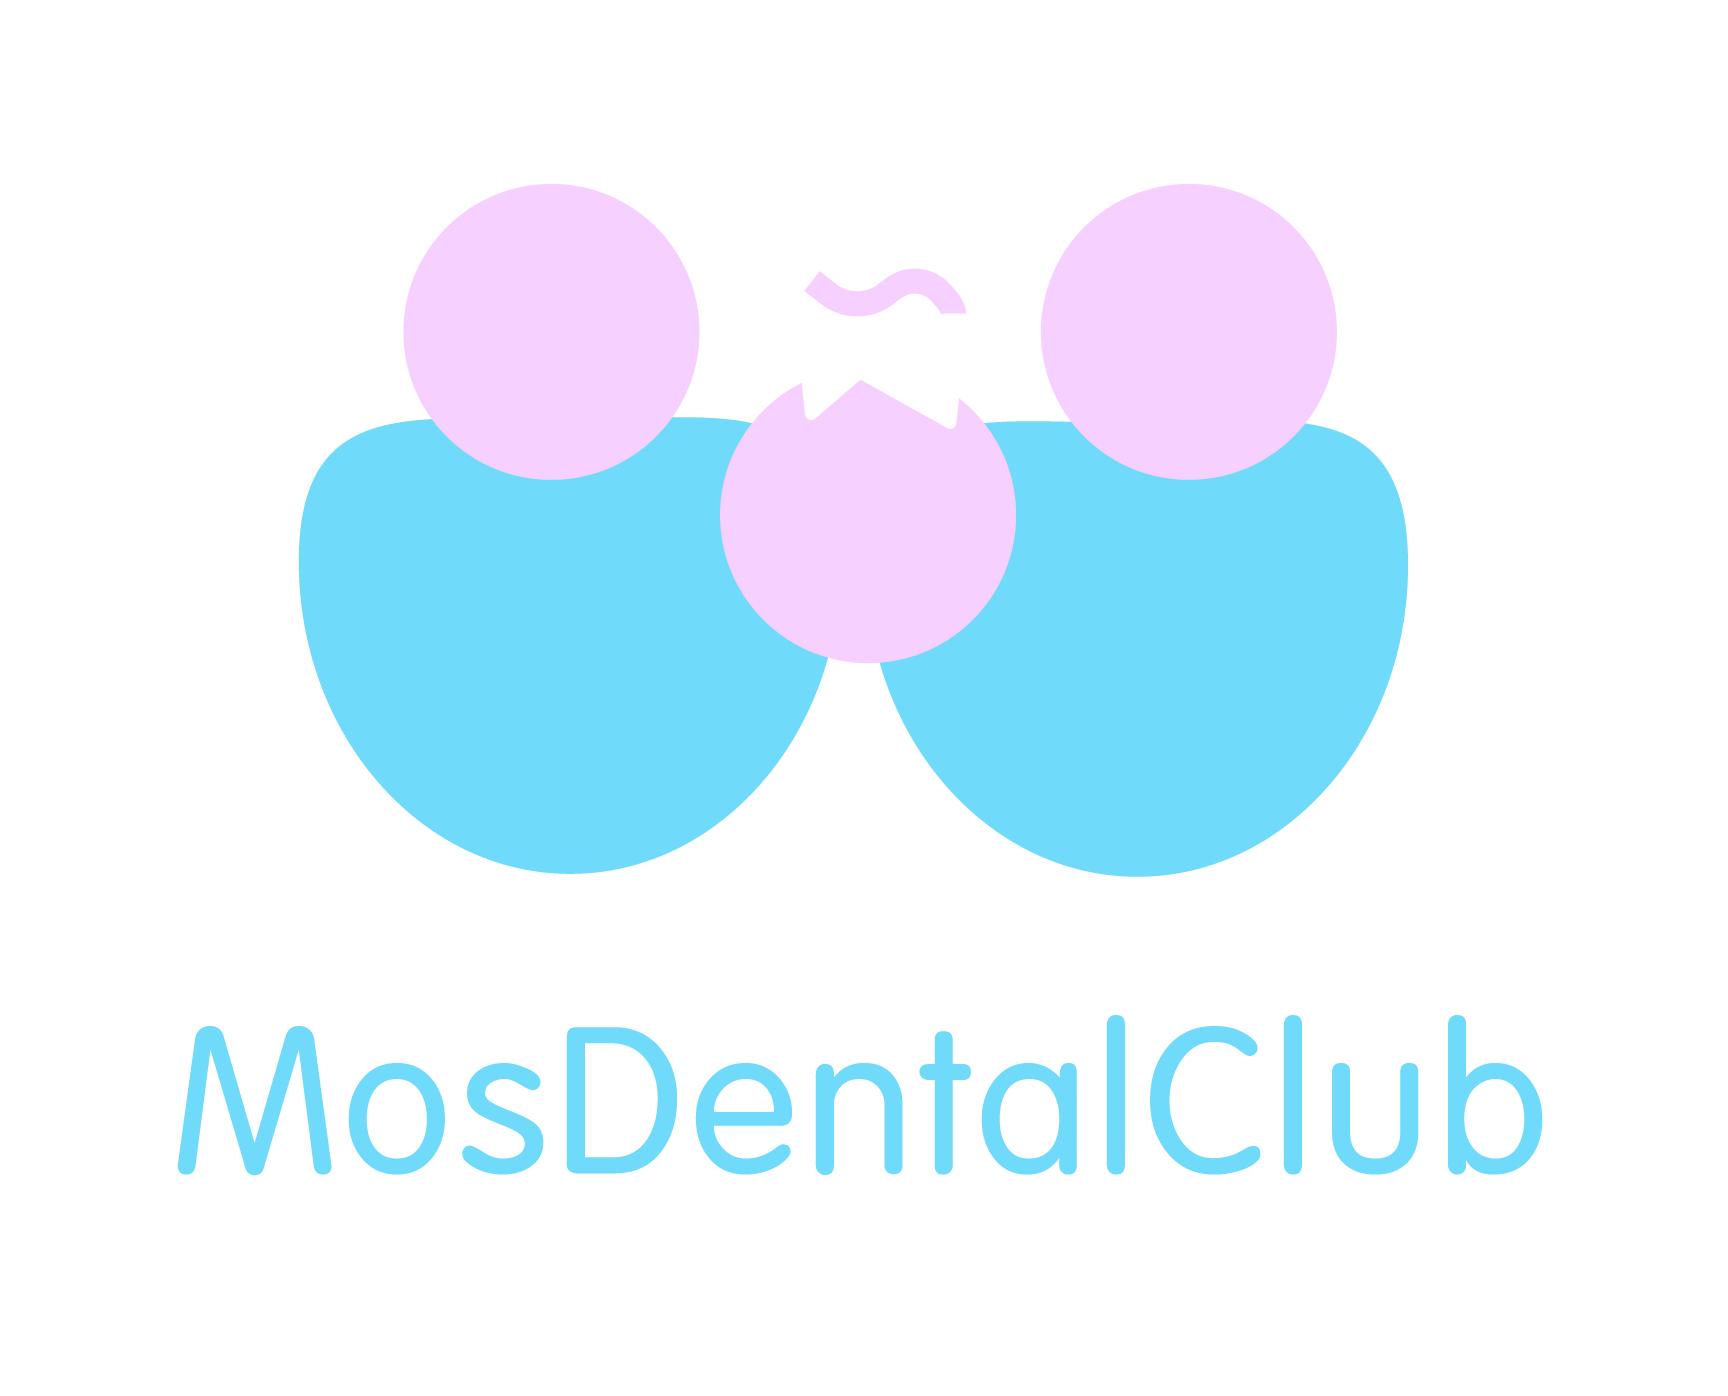 Разработка логотипа стоматологического медицинского центра фото f_4845e496cfc3f715.jpg